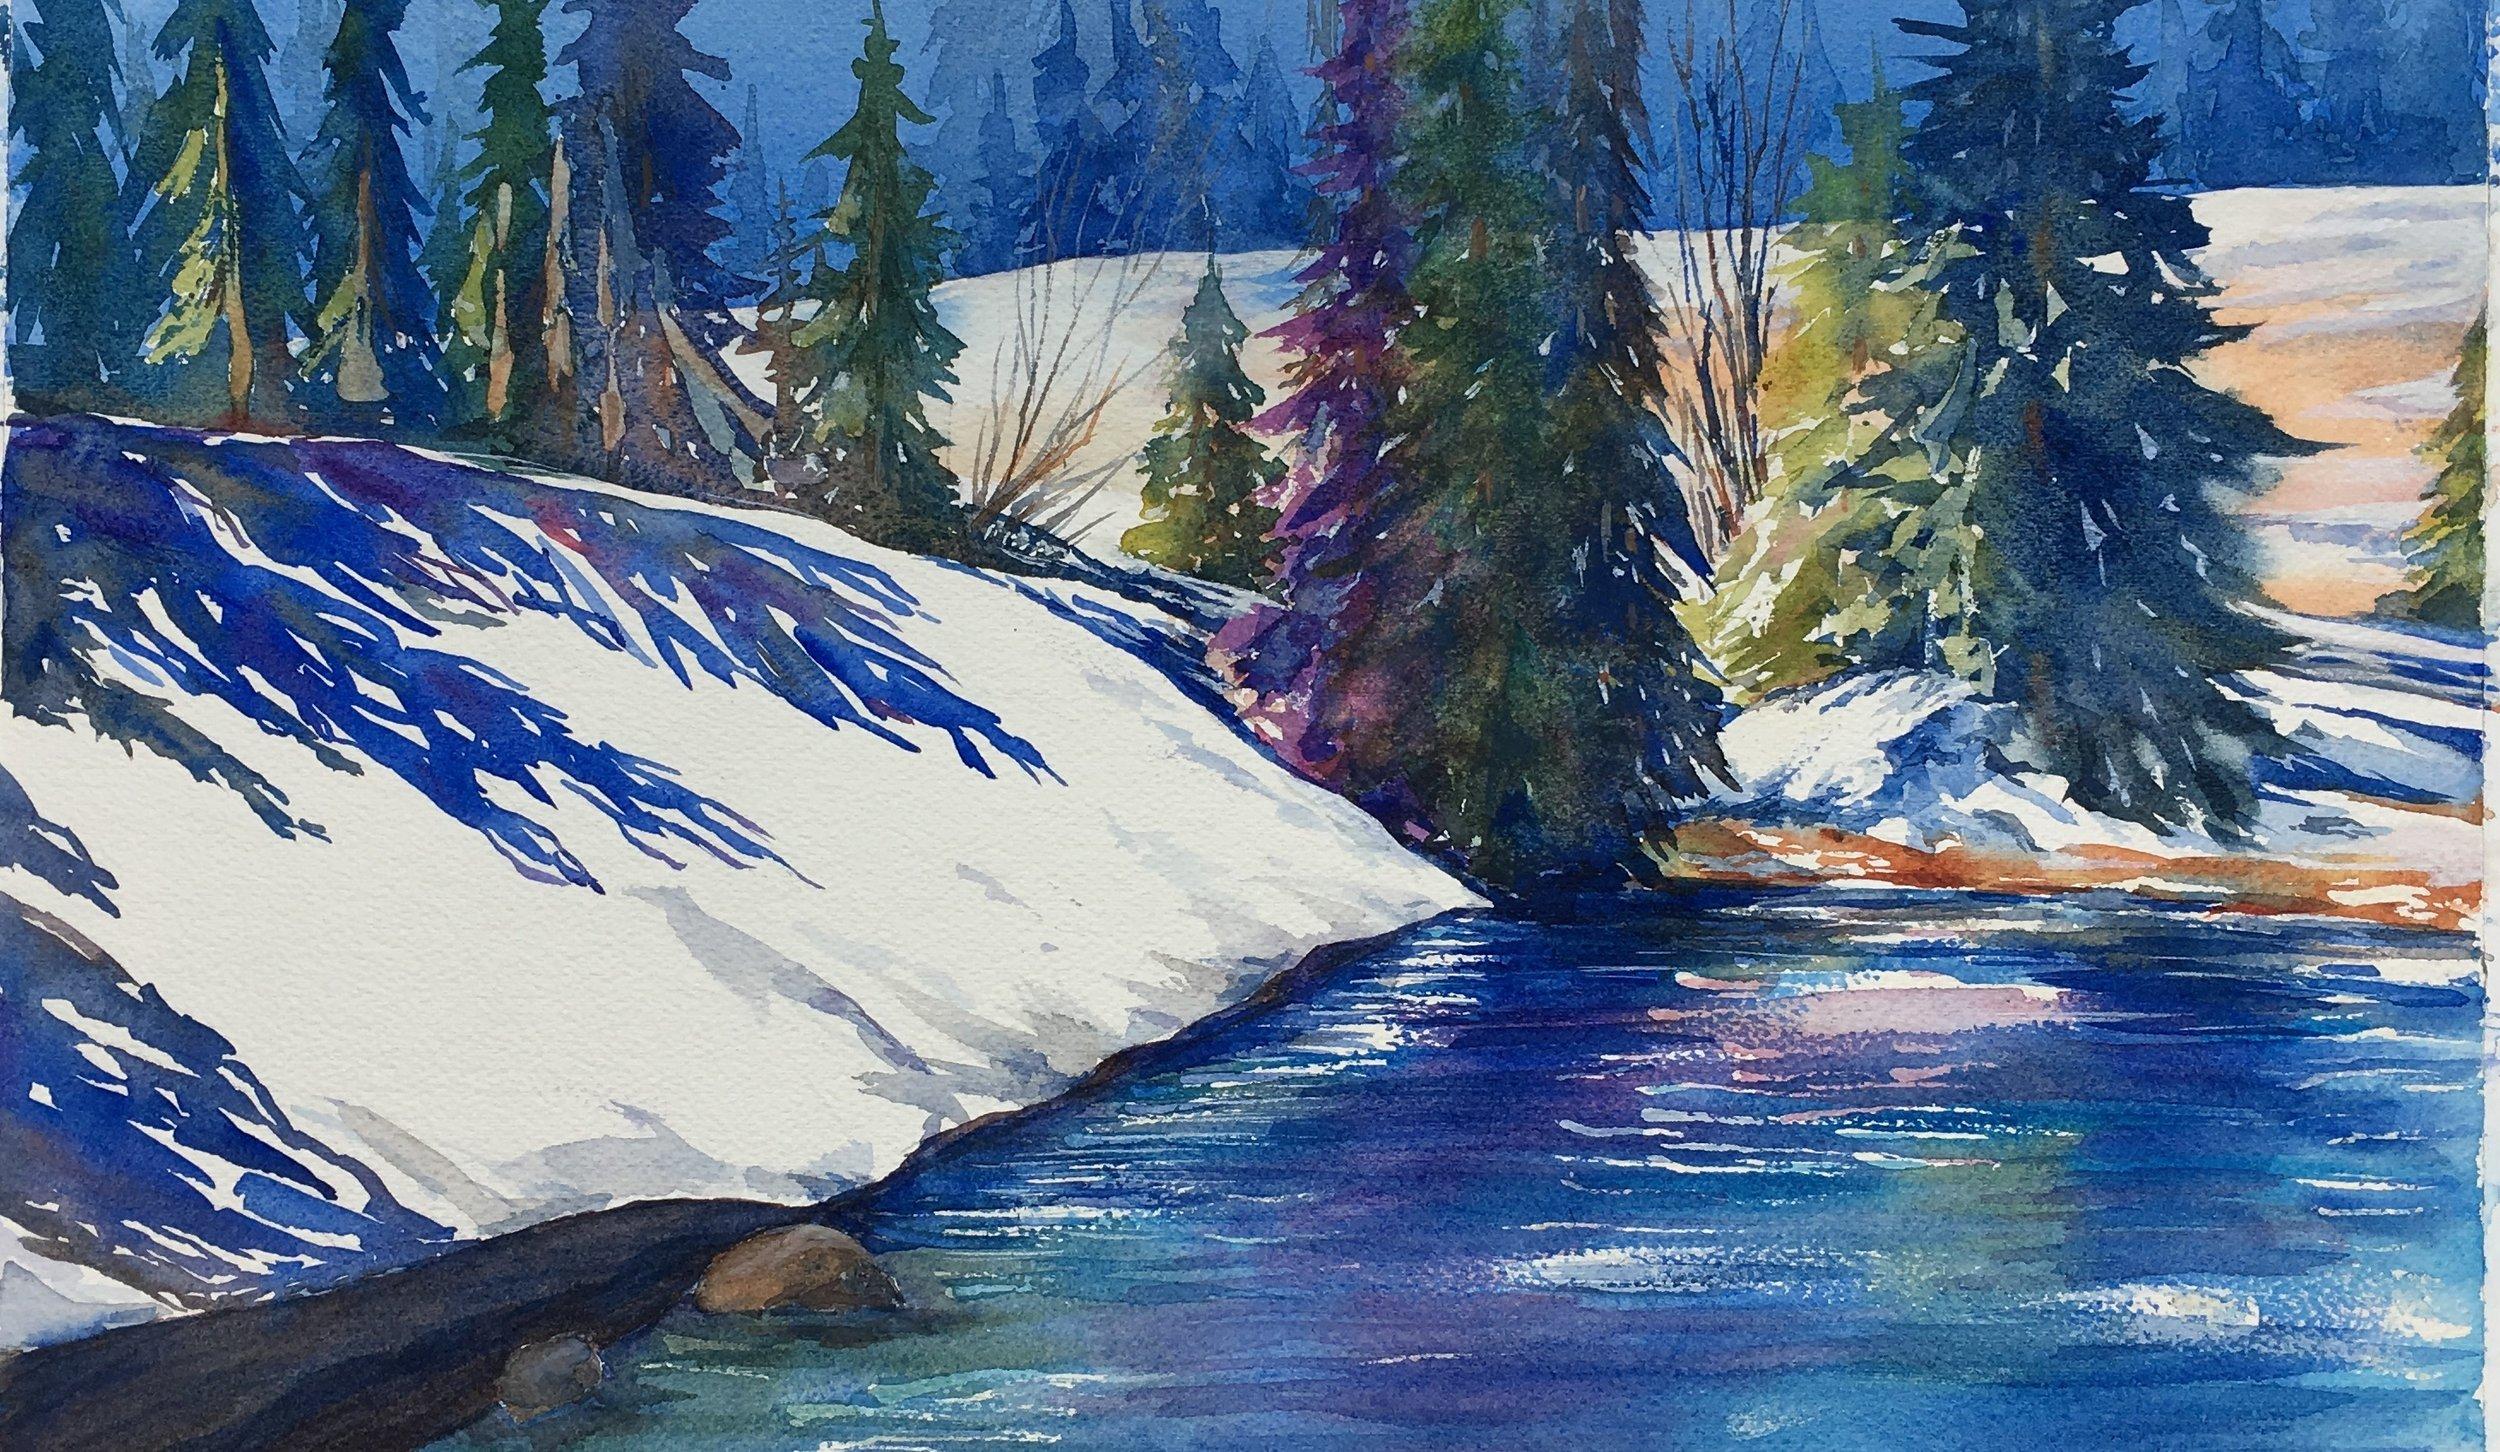 """""""Spring shadow"""" 16x24, Watercolor on watercolor paper by Svetlana Howe"""